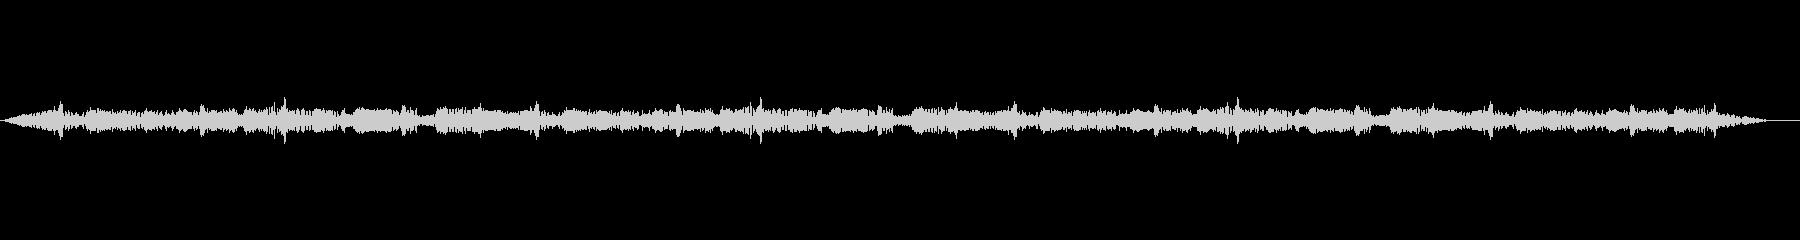 【秋の虫 生録 環境01-1】の未再生の波形